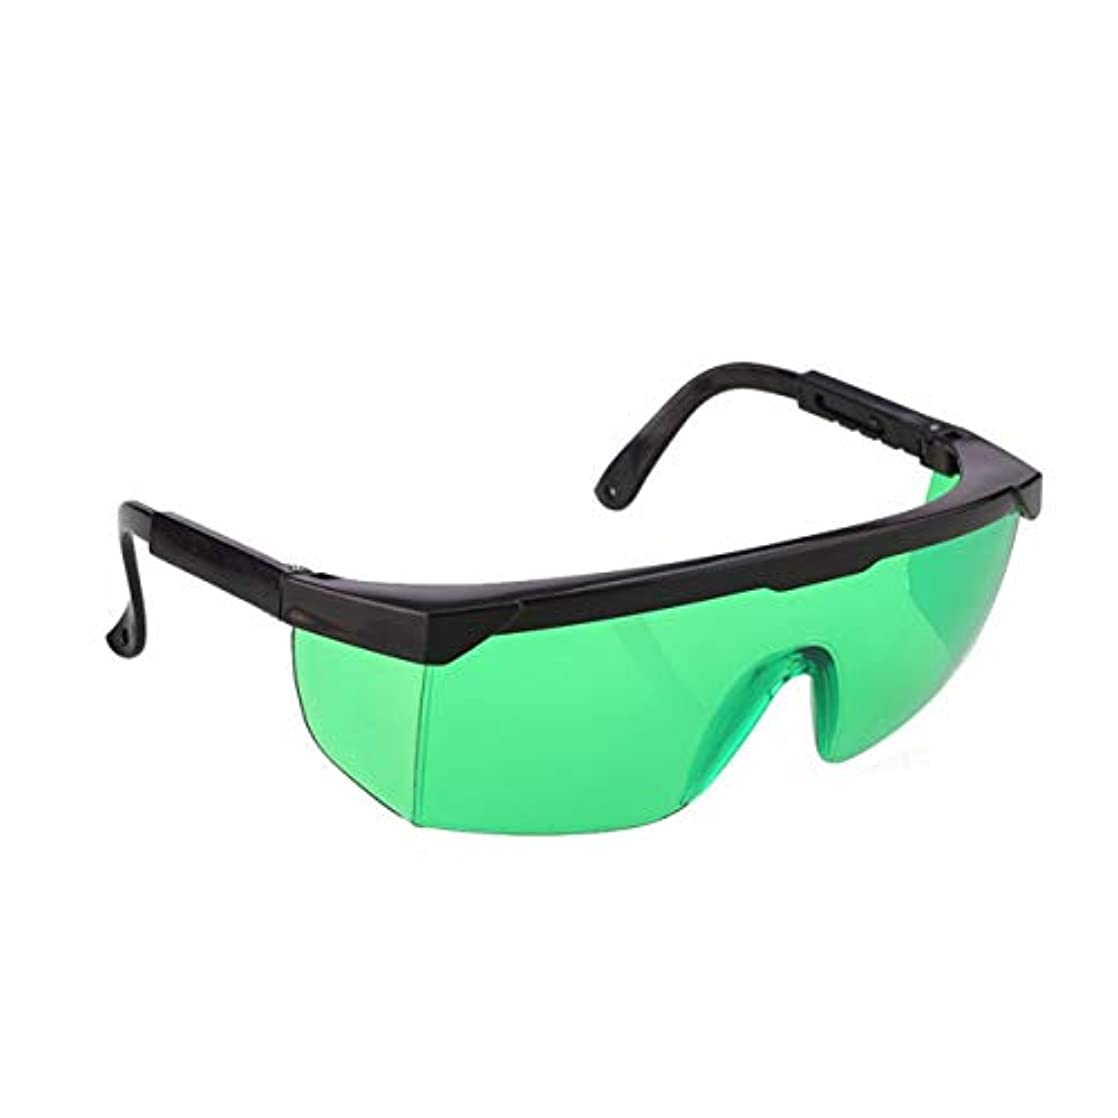 衝動表示郵便番号Saikogoods 除毛クリーム ポイント脱毛保護メガネユニバーサルゴーグル眼鏡を凍結IPL/E-光OPTのためのレーザー保護メガネ 緑